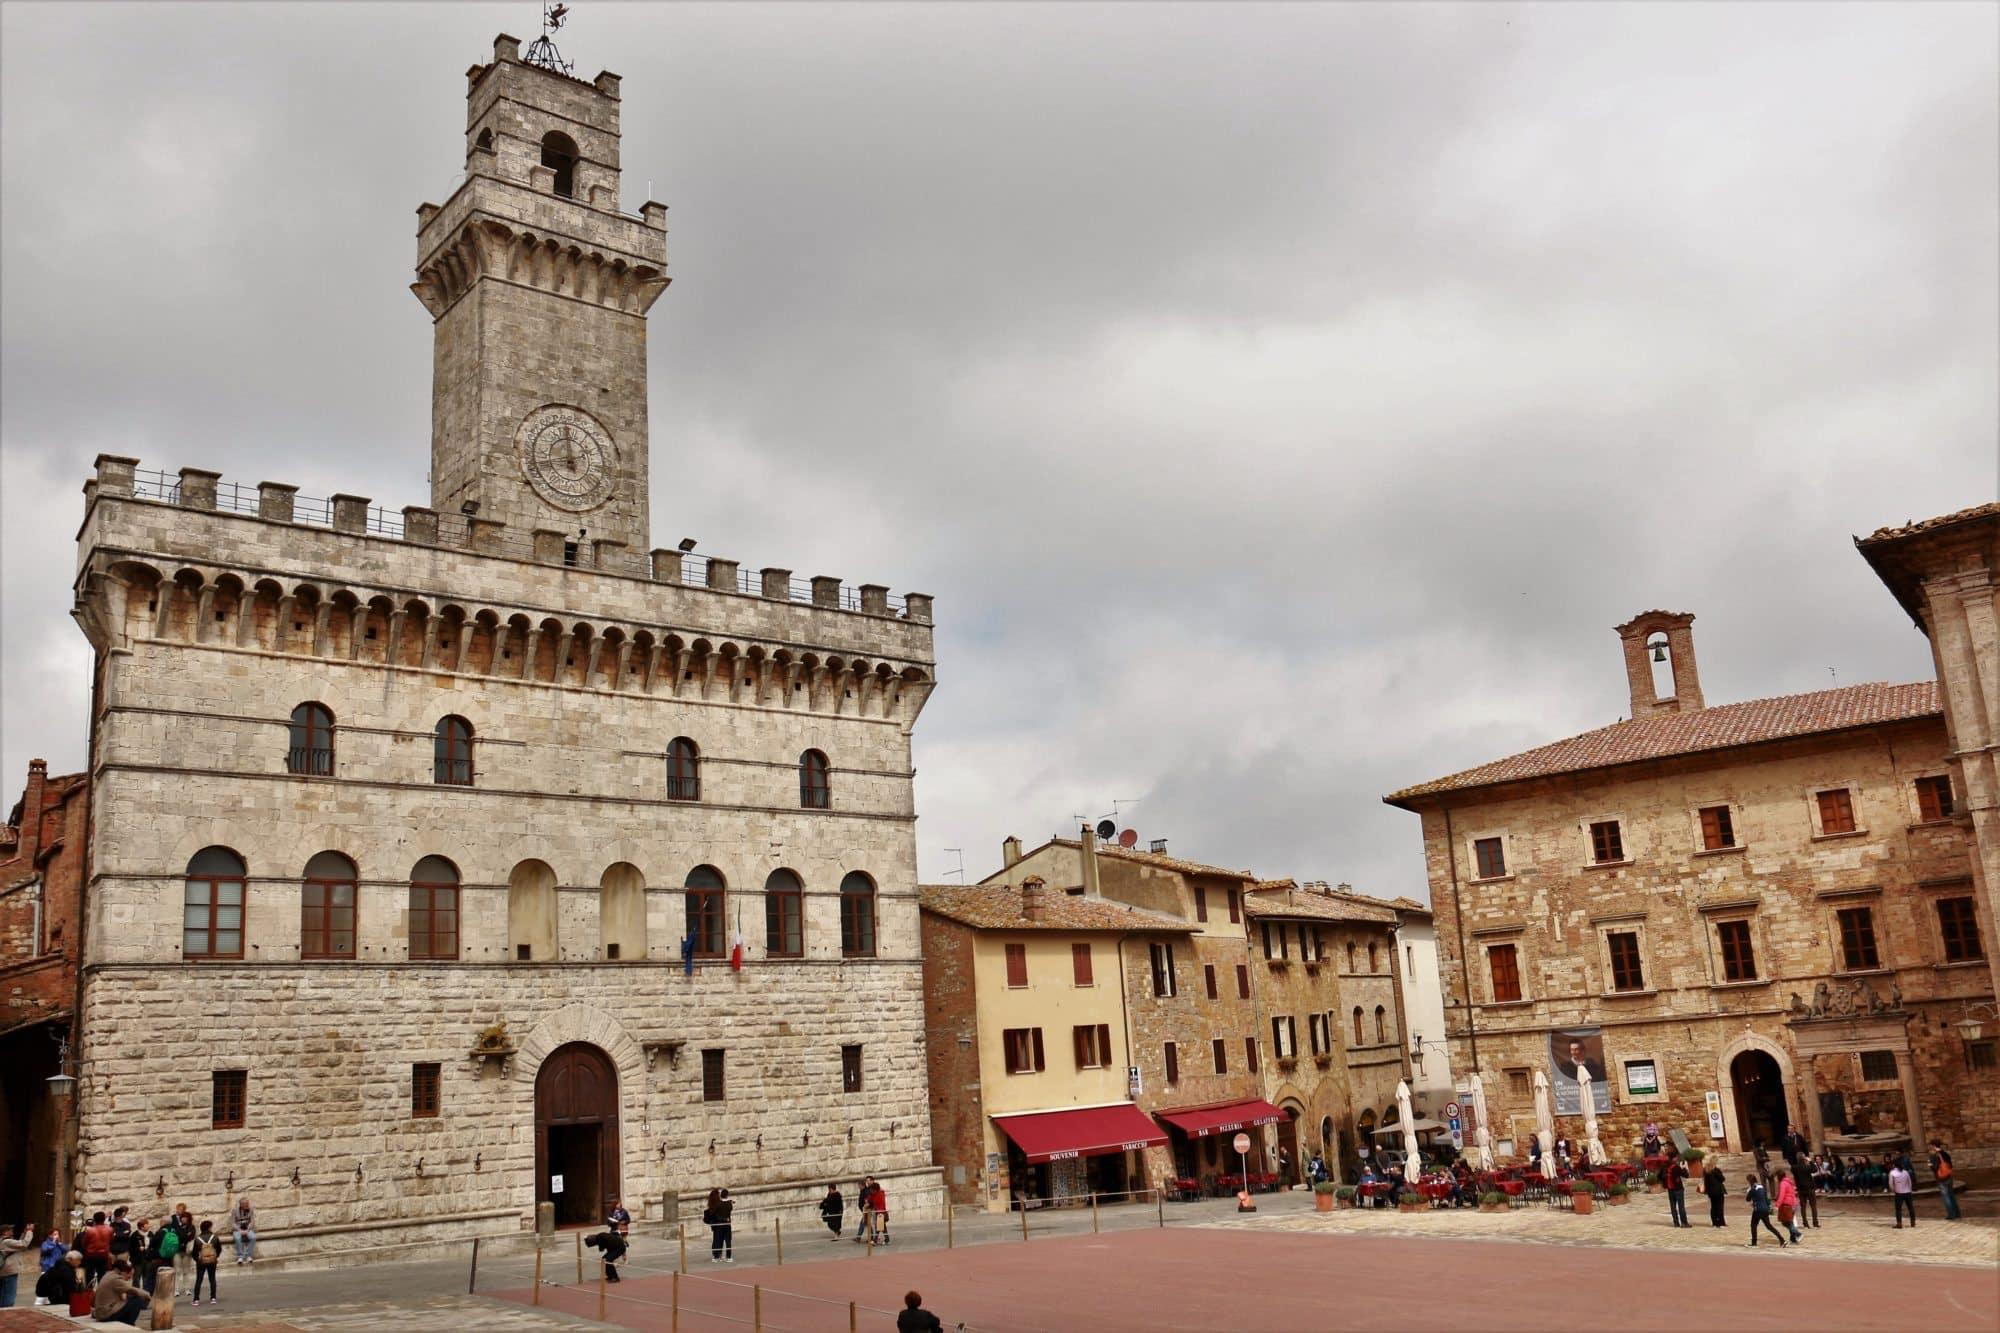 Montepulciano Palais communal randonnée journalière à thème avec chauffeur professionnel